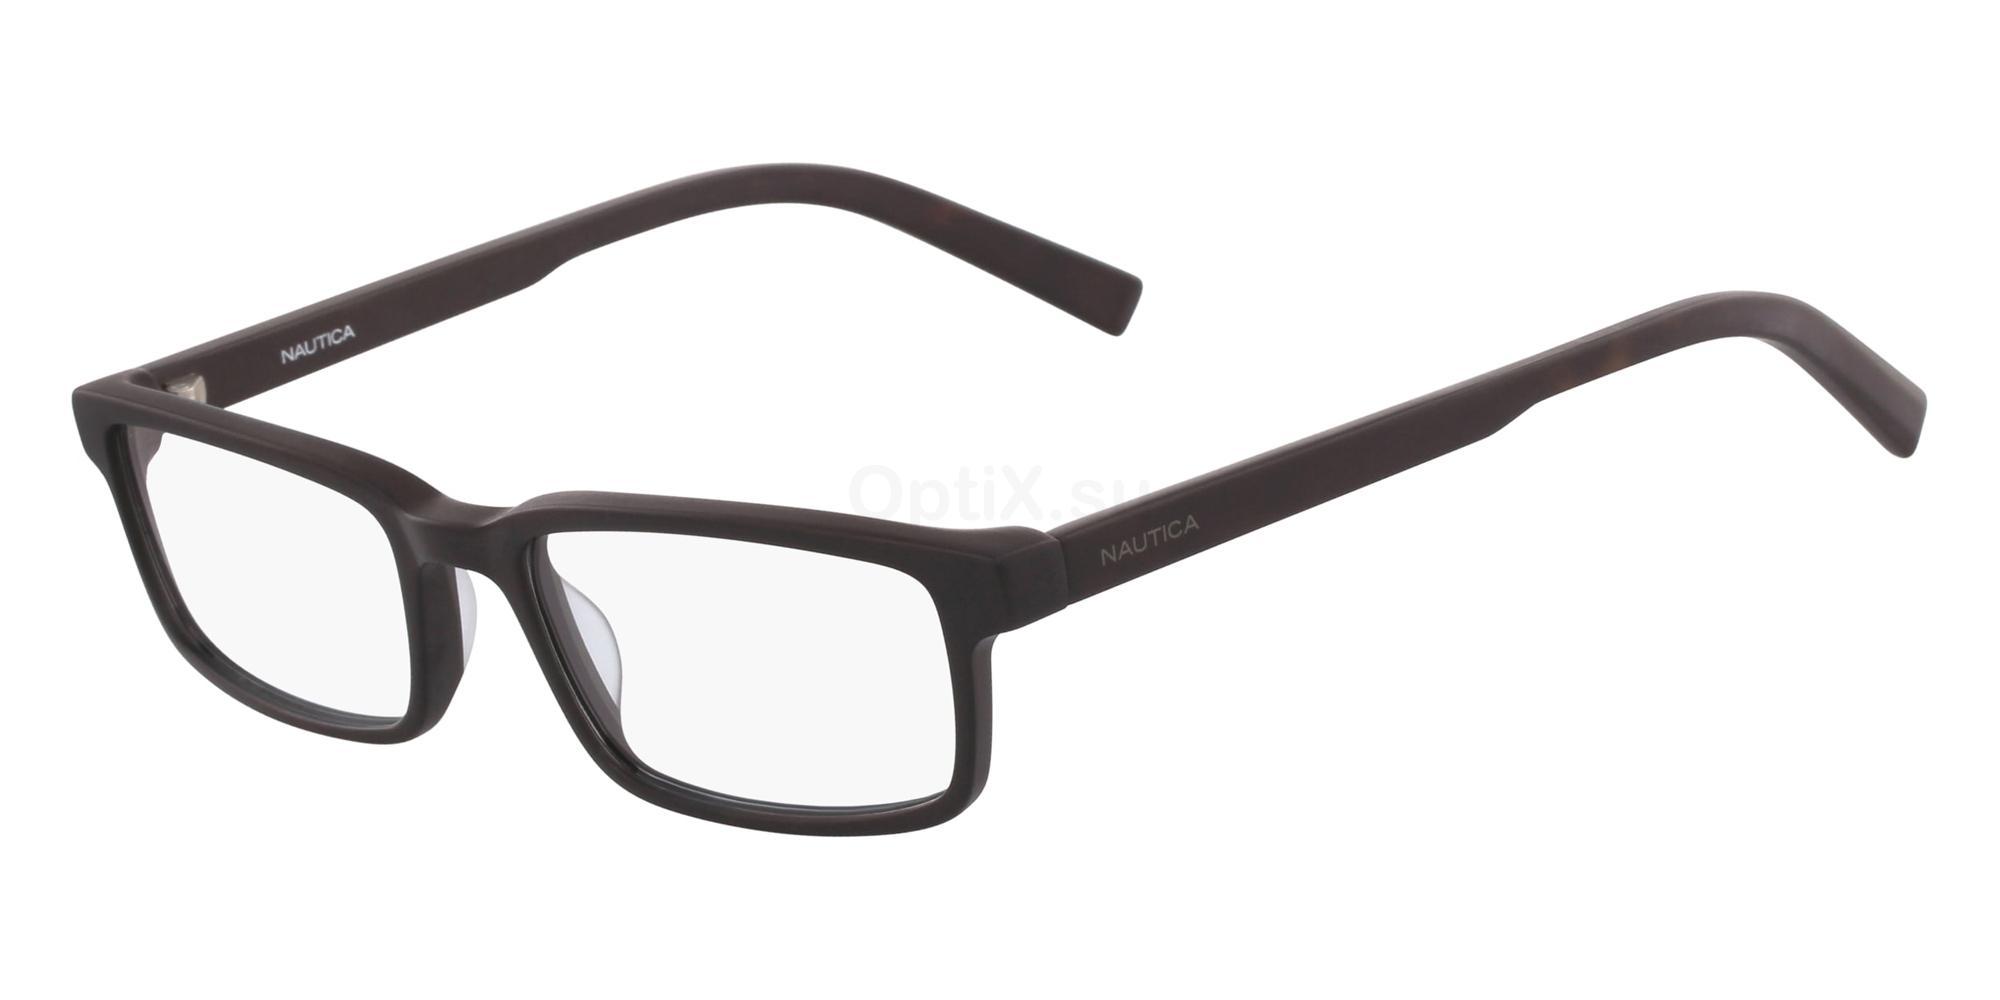 005 N8146 Glasses, Nautica